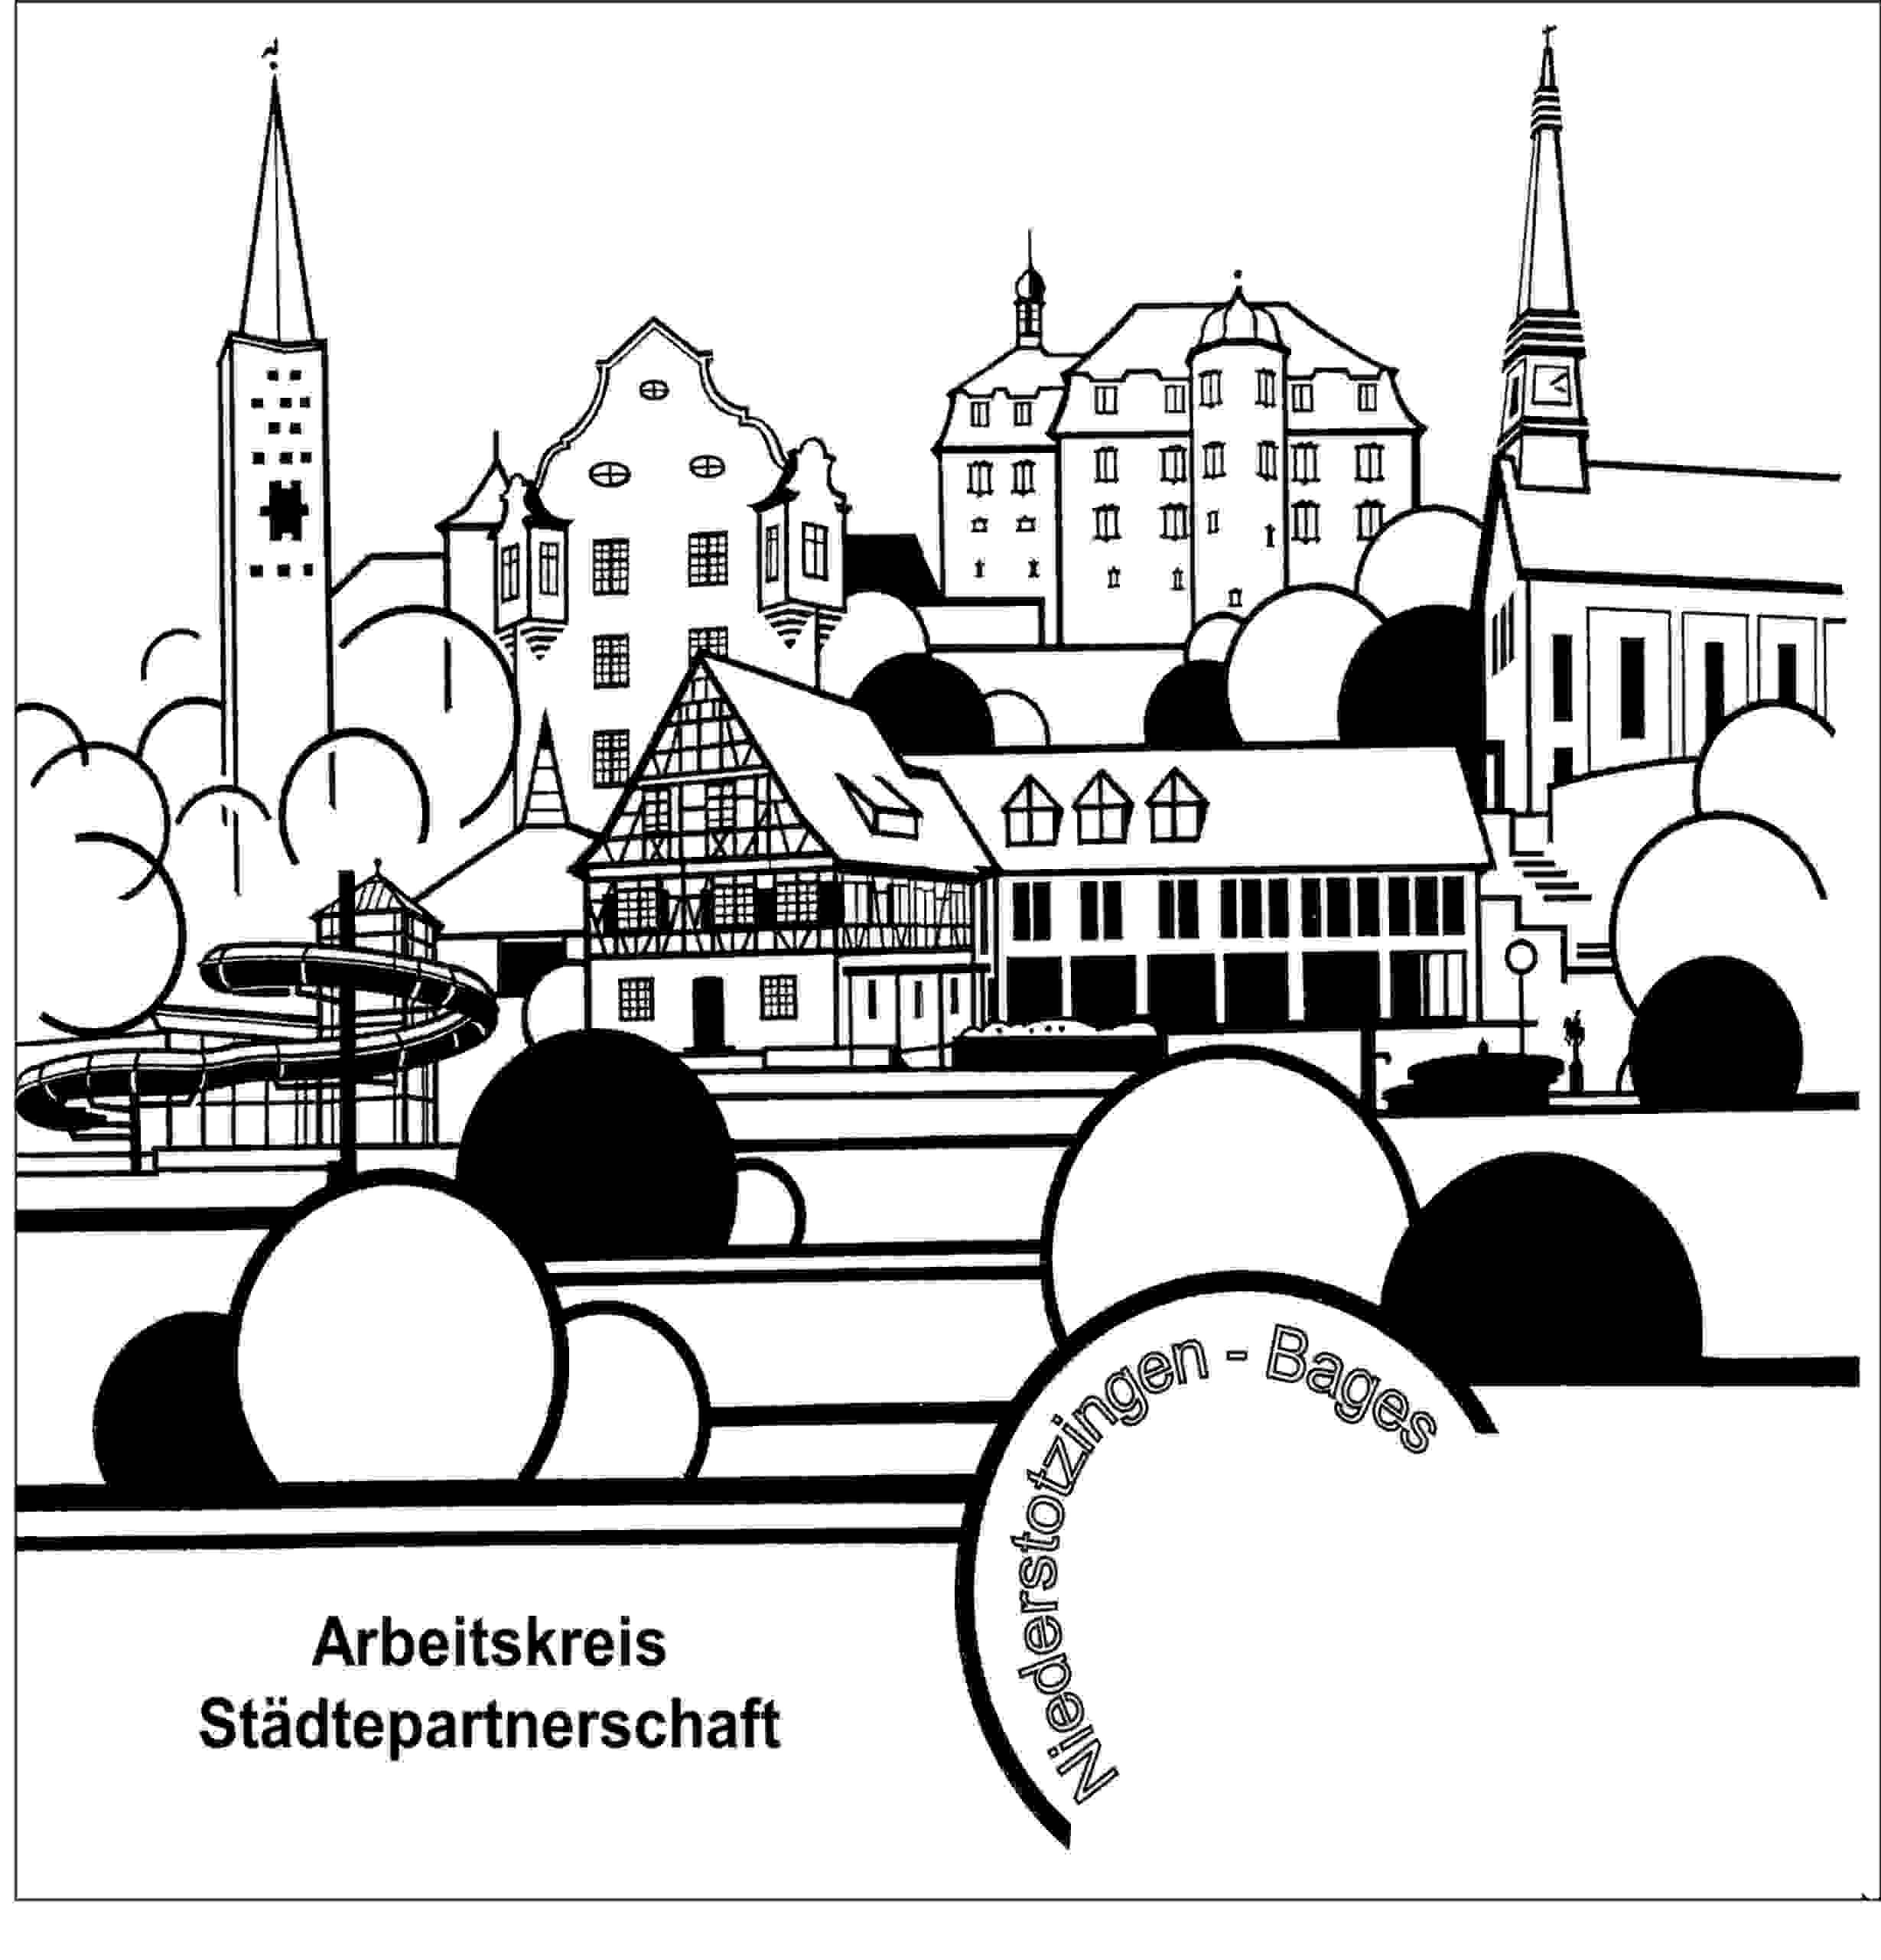 Arbeitskreis Städtepartnerschaft Logo